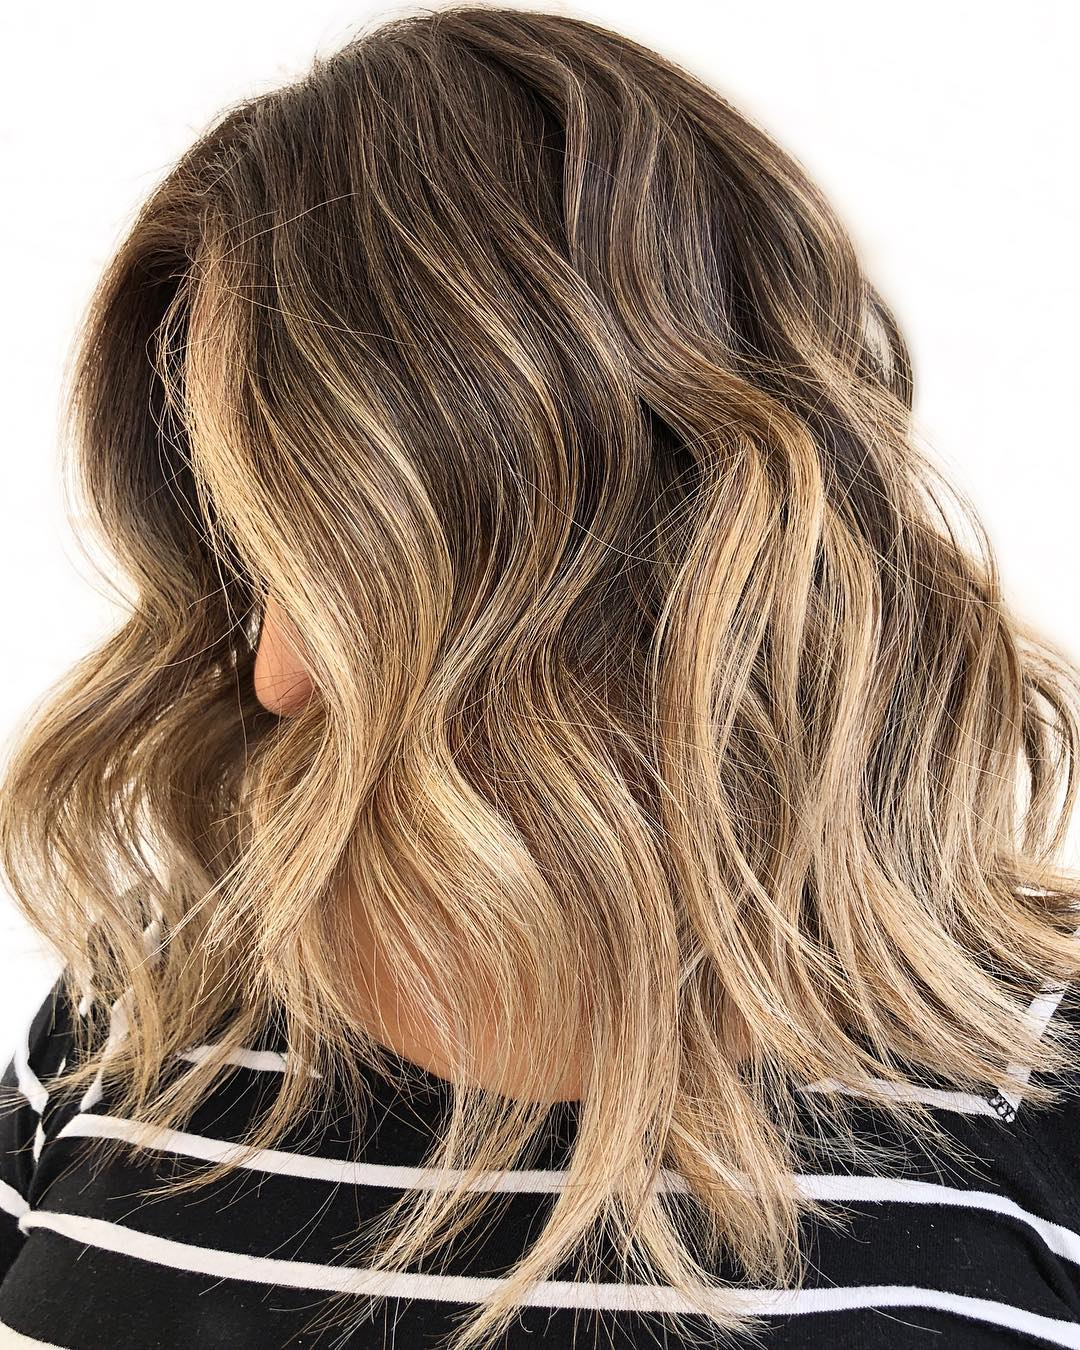 популярные цвета волос 2019 года фото 3